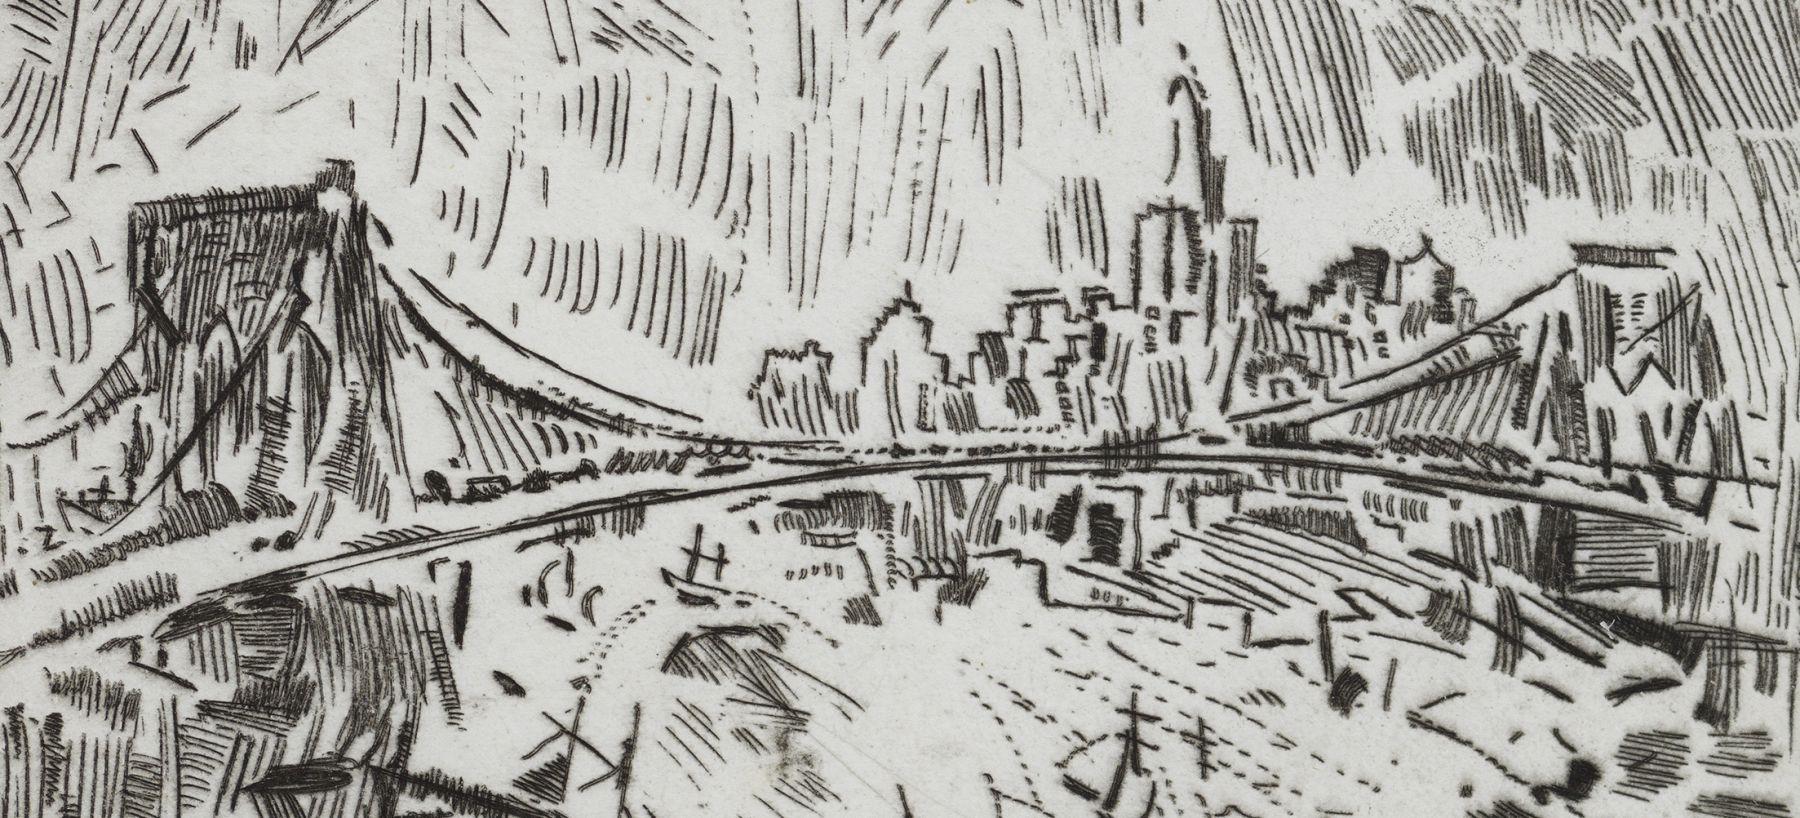 Marin Brooklyn Bridge